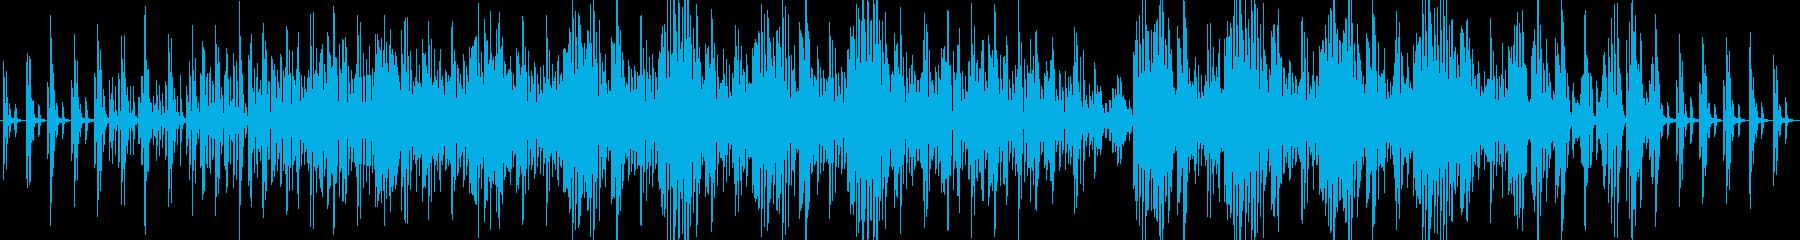 ピアノの多重奏で作られたポップスの再生済みの波形